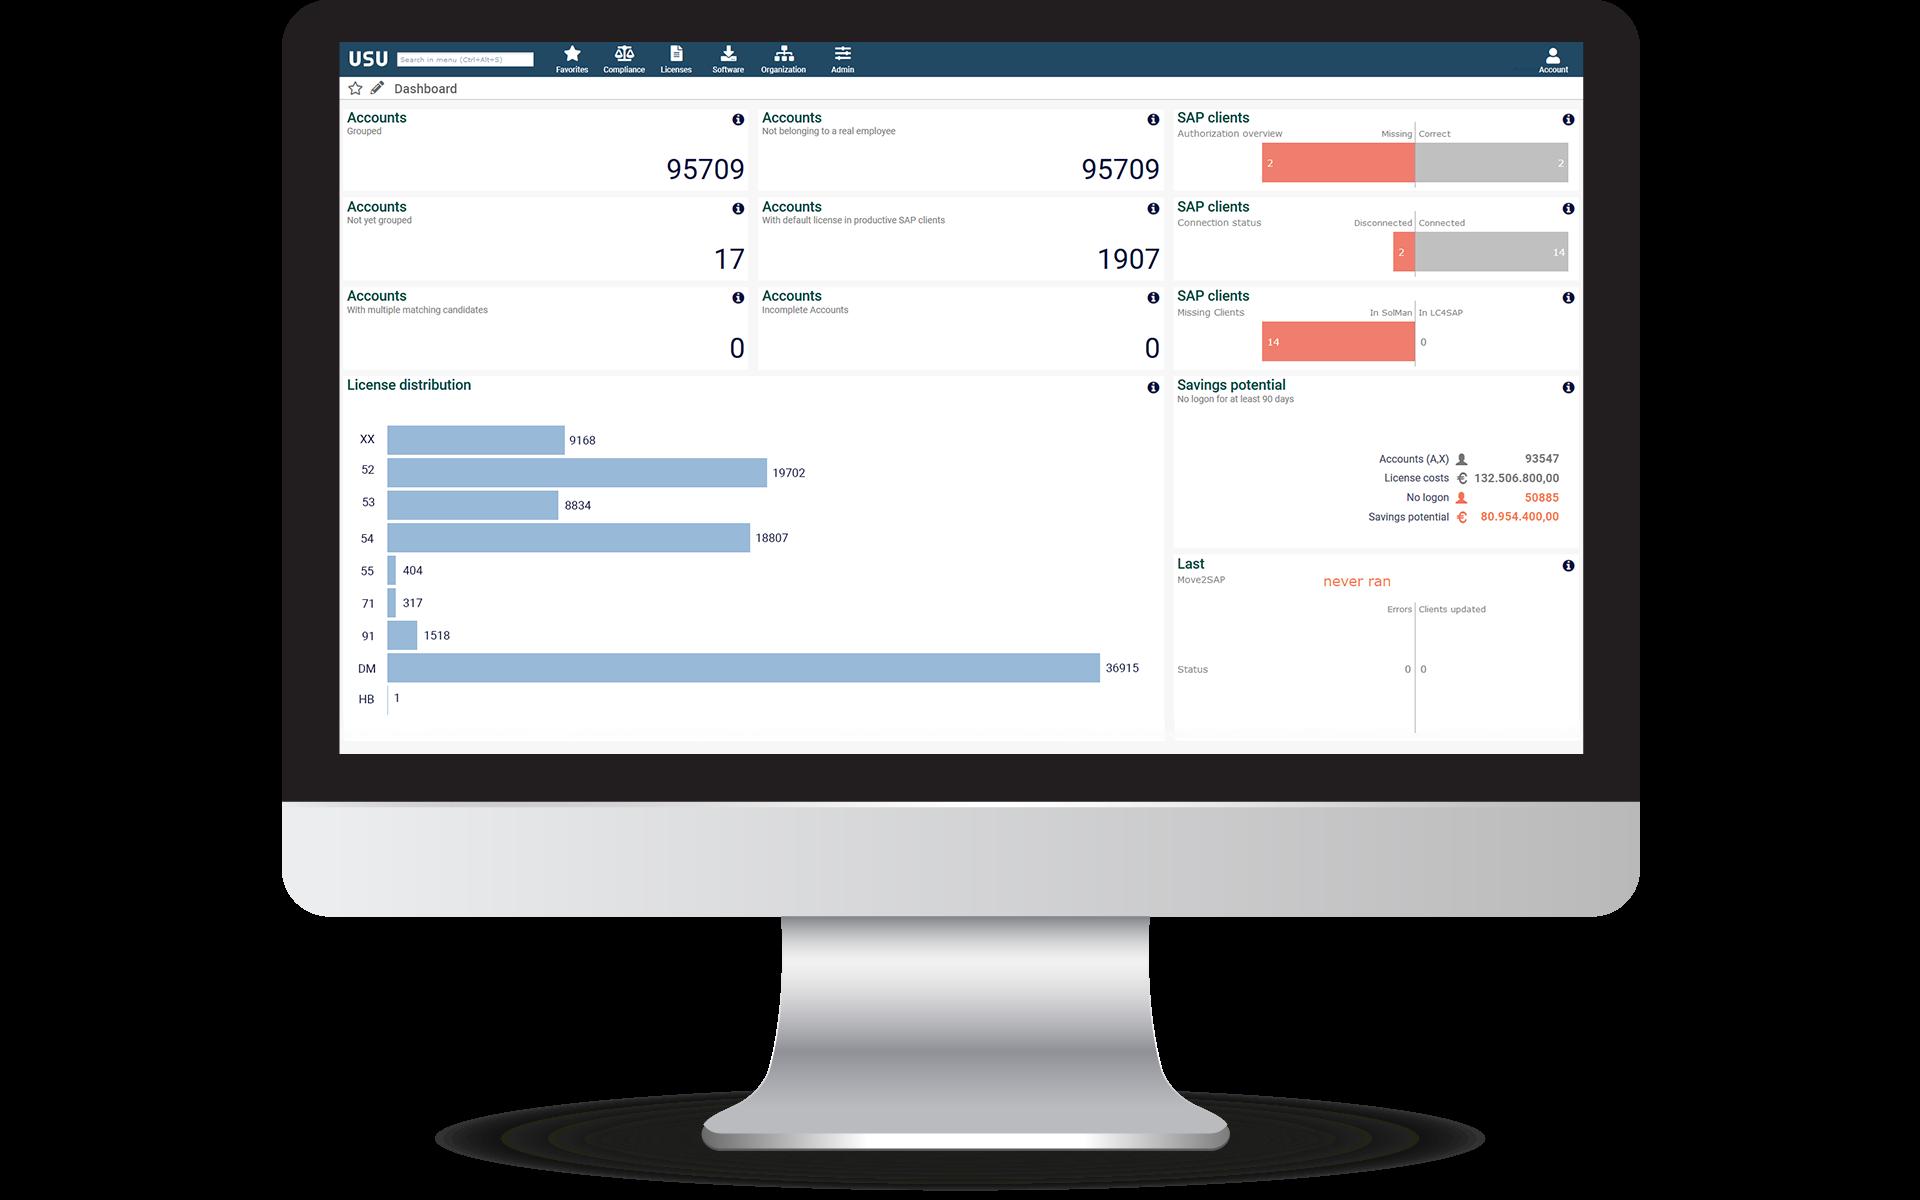 USU Software Asset Management Software - USU Software Asset Management SAP Optimization Dashboard